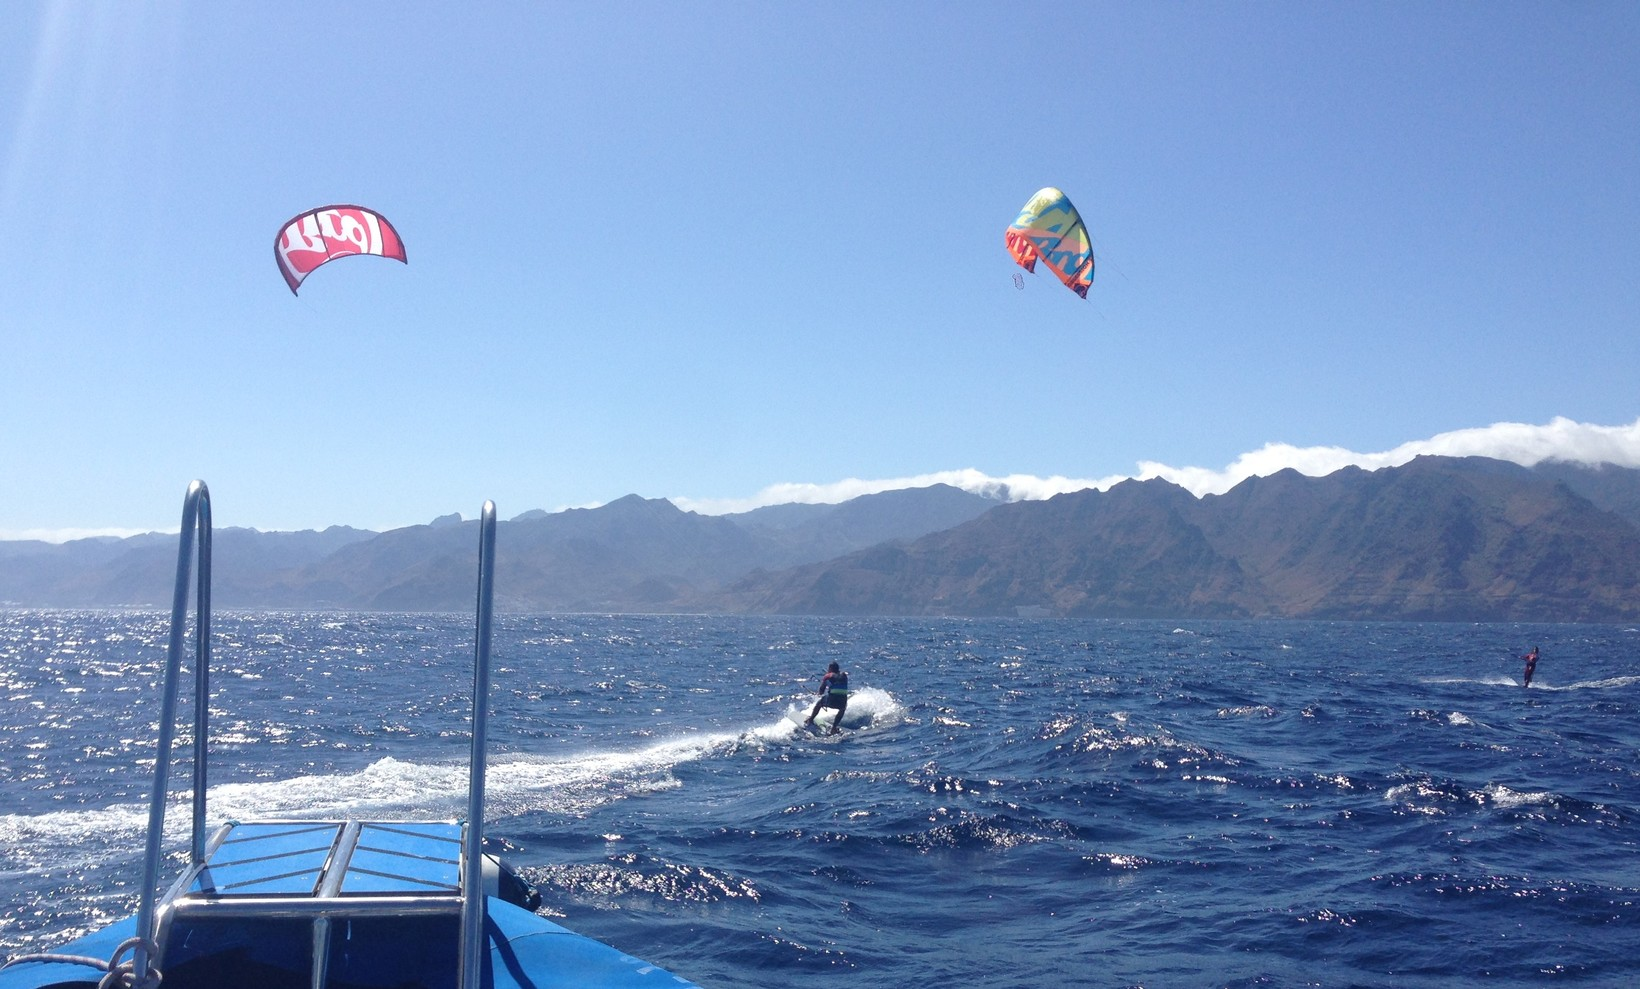 Discover Kitesurfing